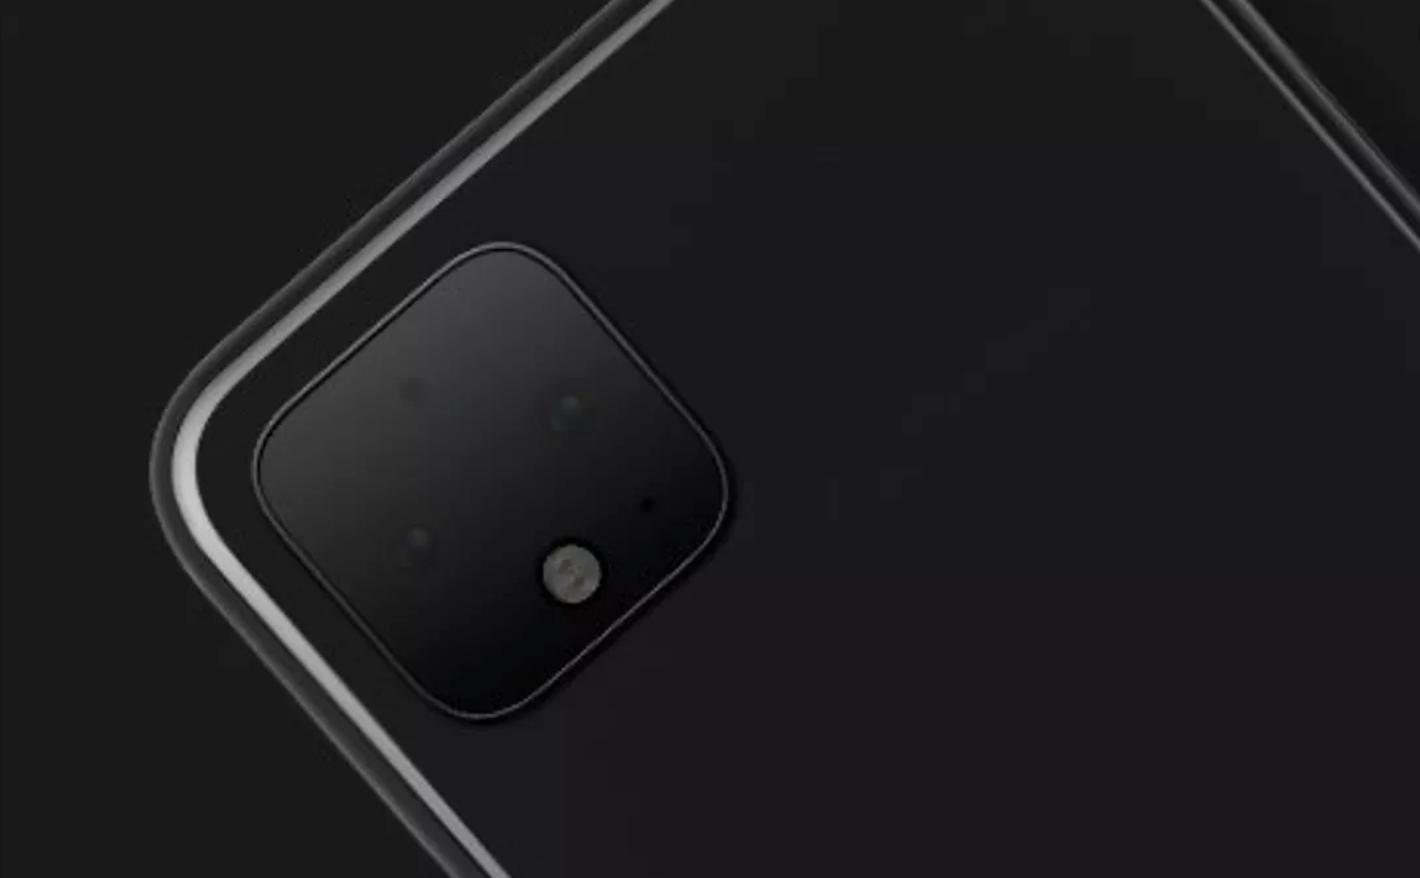 Pixel 4 Telefon wird ähnlich haben Apple Gesichts-ID-System 1